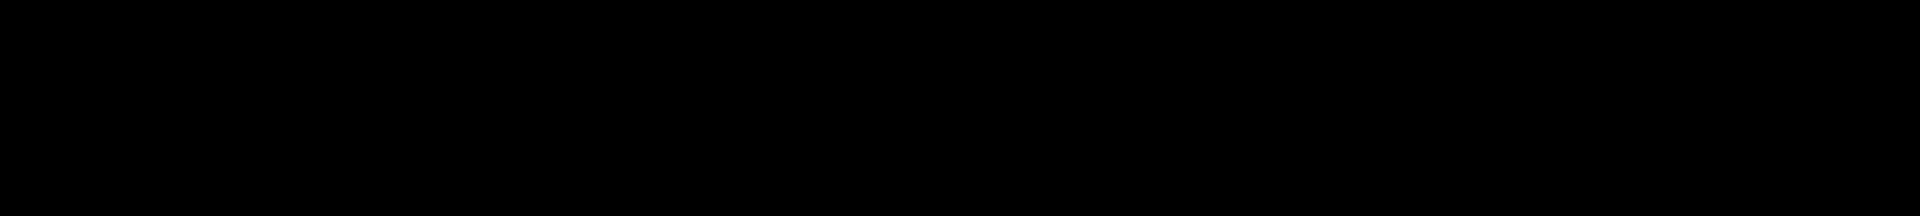 Tsukat